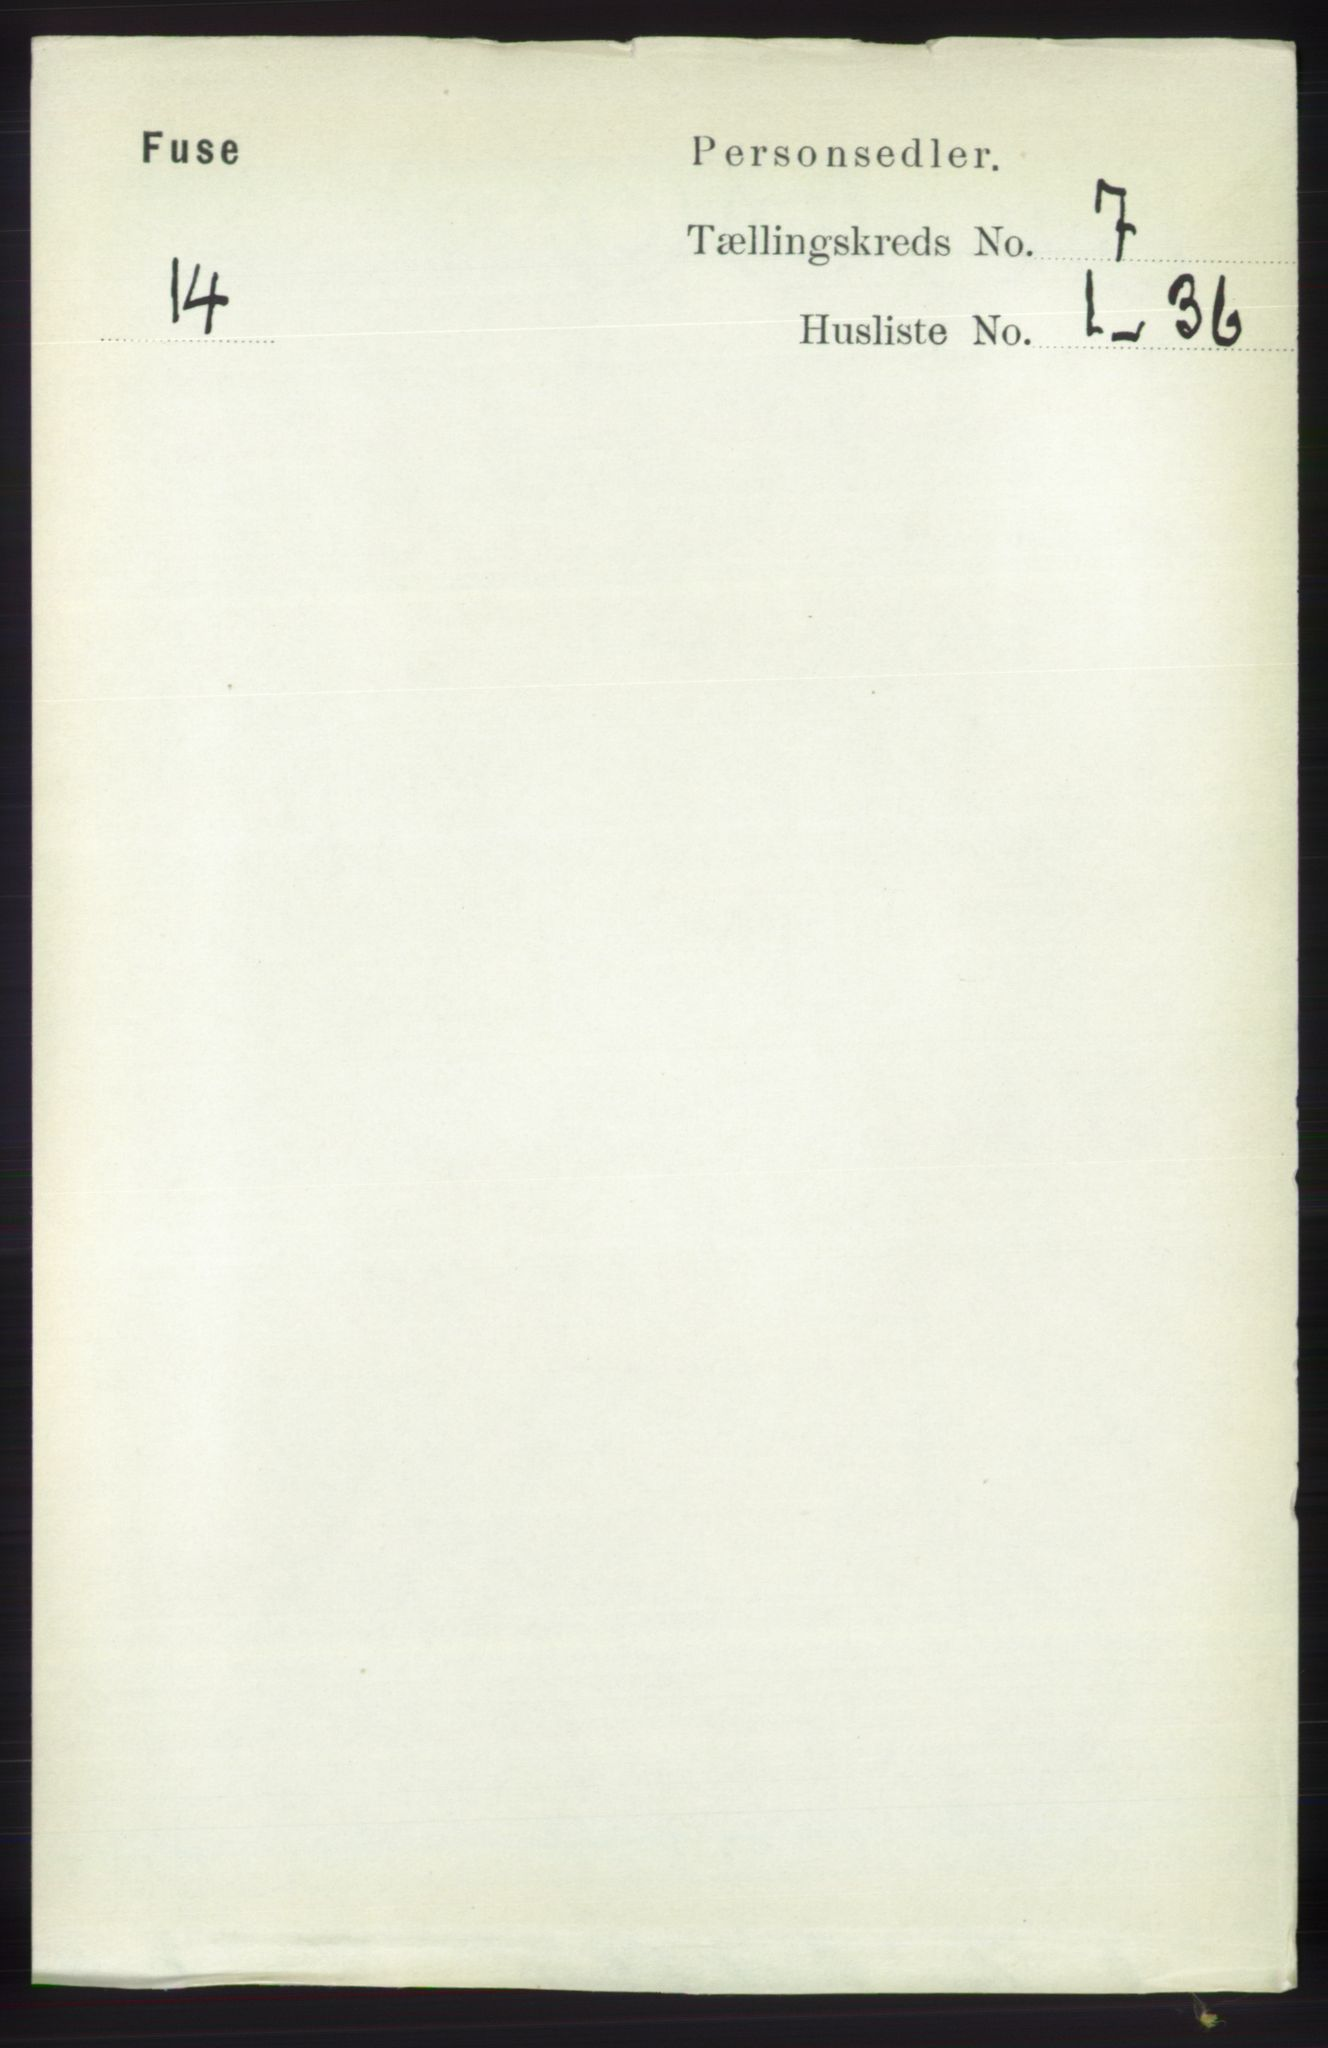 RA, Folketelling 1891 for 1241 Fusa herred, 1891, s. 1301